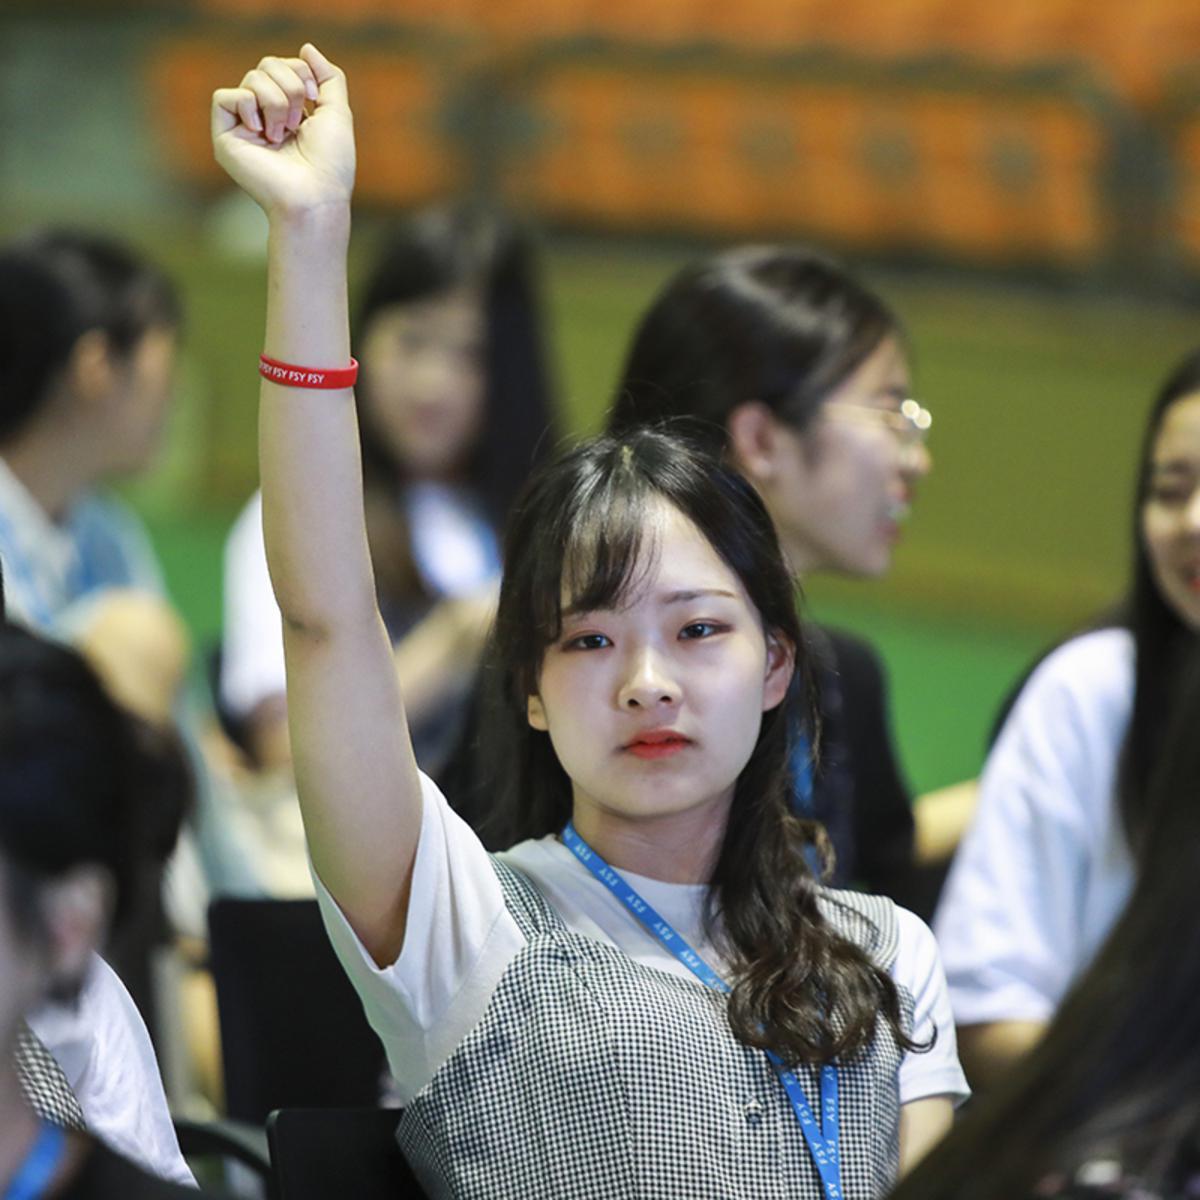 손을 들고 있는 청녀의 모습